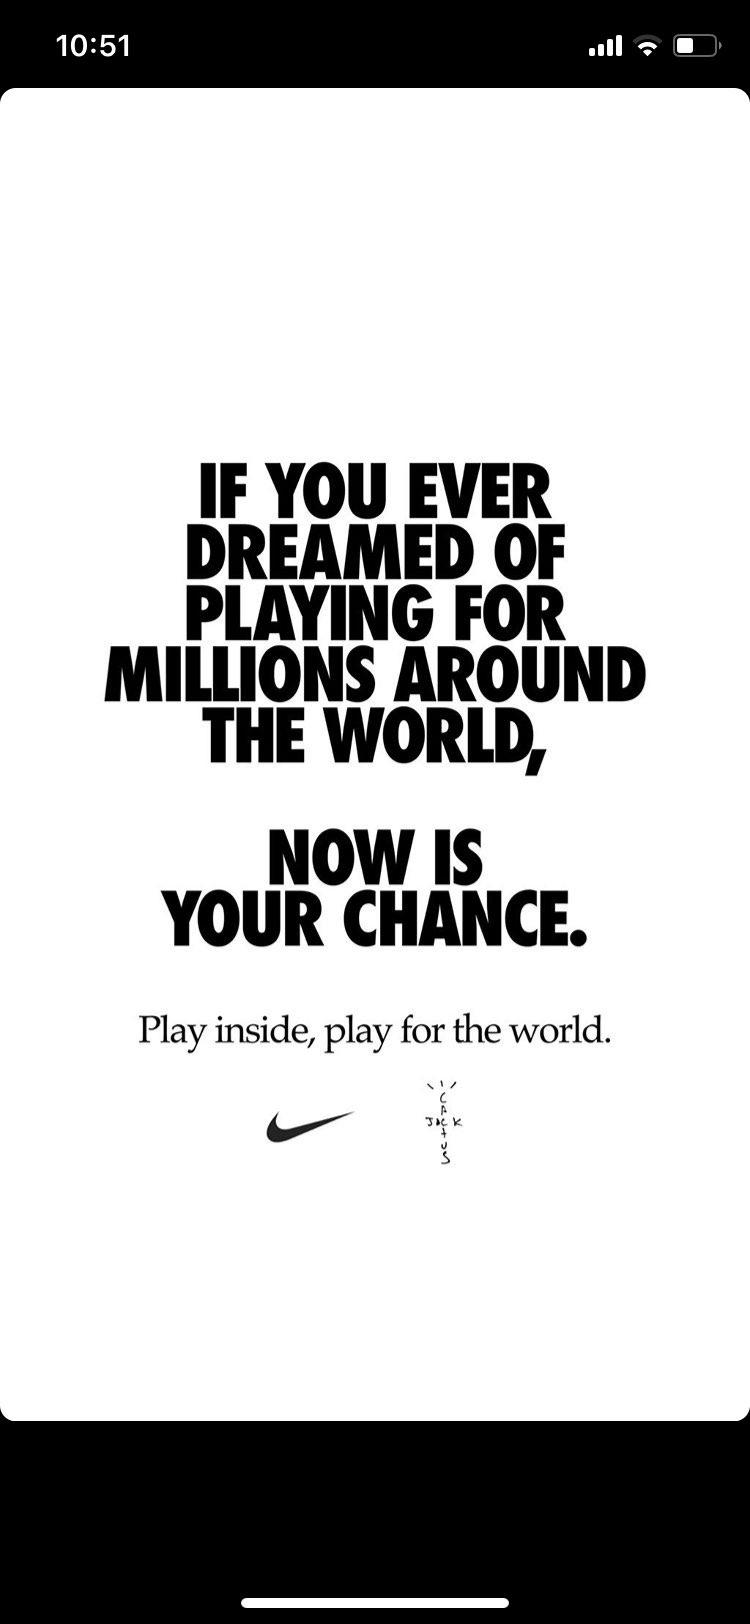 トラヴィスのインスタより (翻訳)世界中で何百万人もプレイすることを夢見たなら